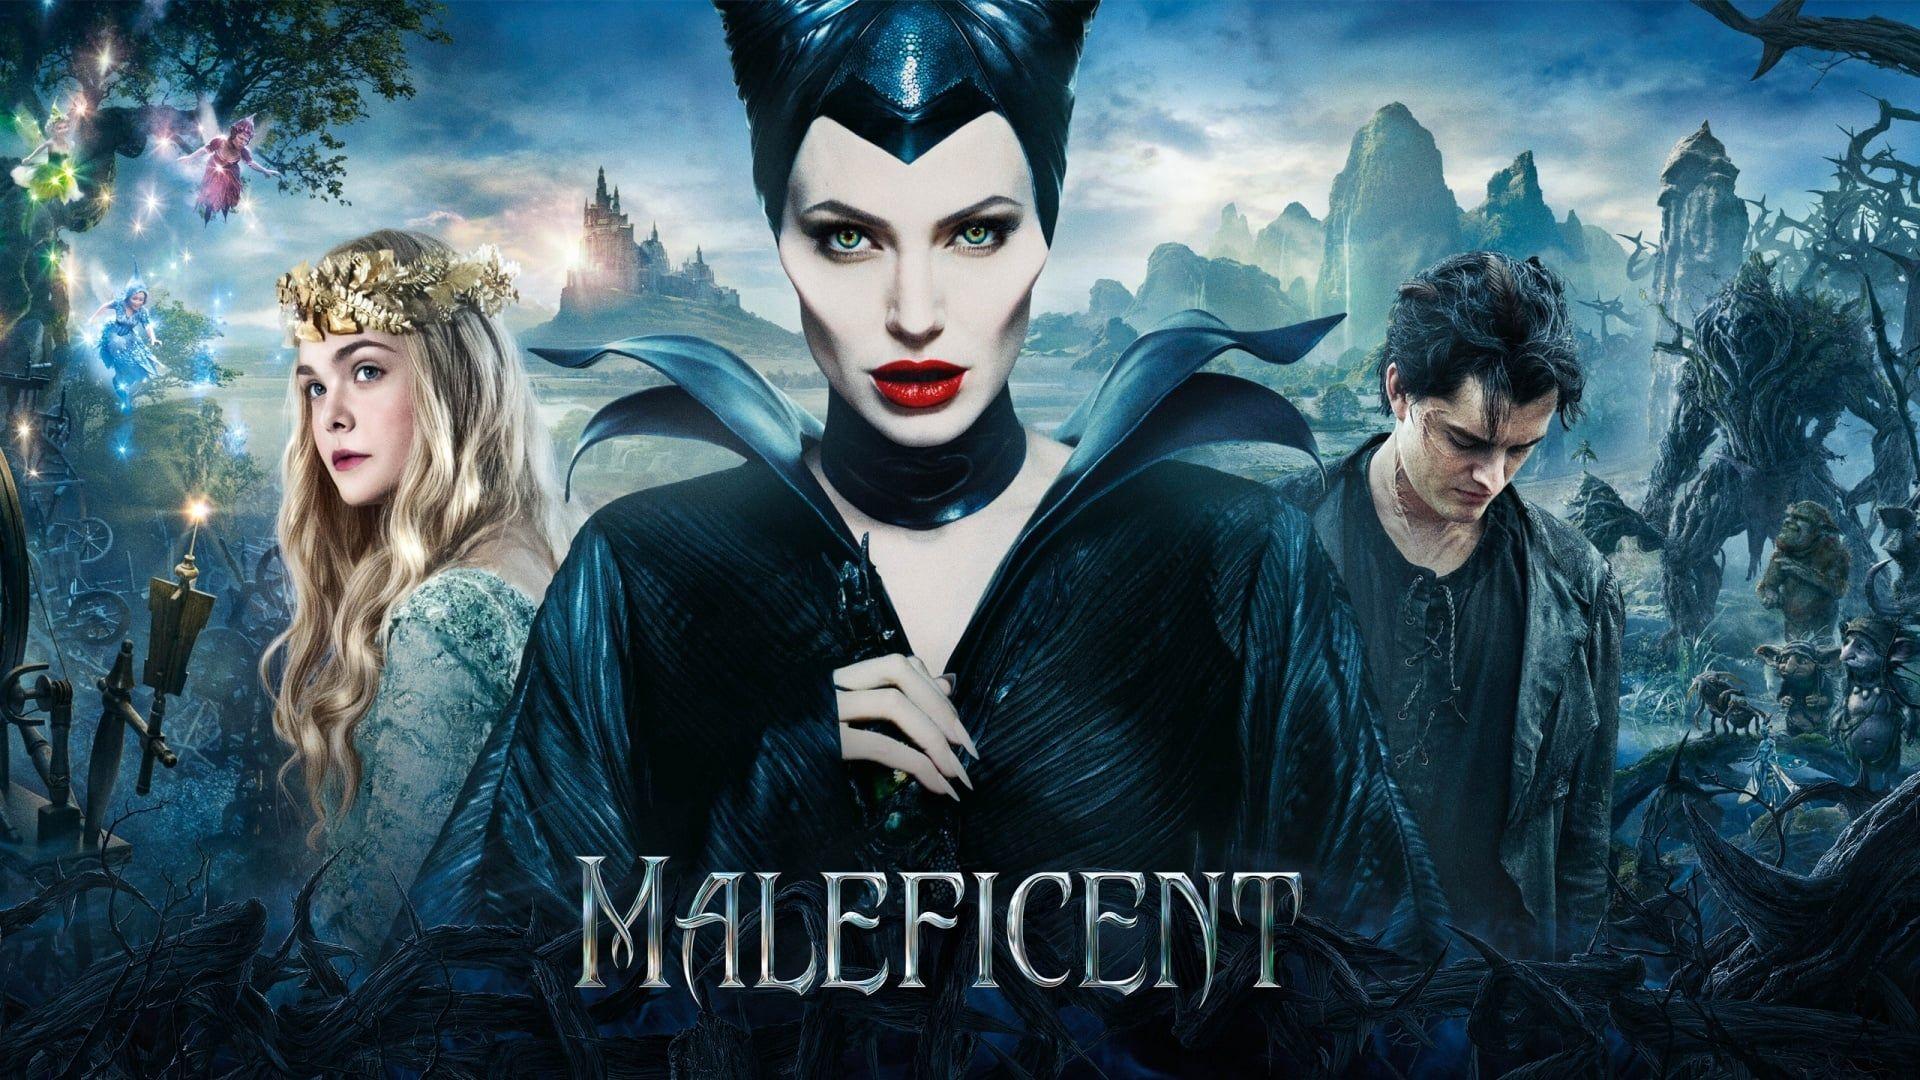 Maleficent 2014 Streaming Ita Cb01 Film Completo Italiano Altadefinizione La Rilettura Della Bella Addormentata Dal Punto Di Vista Della Cattiva Malefica Una